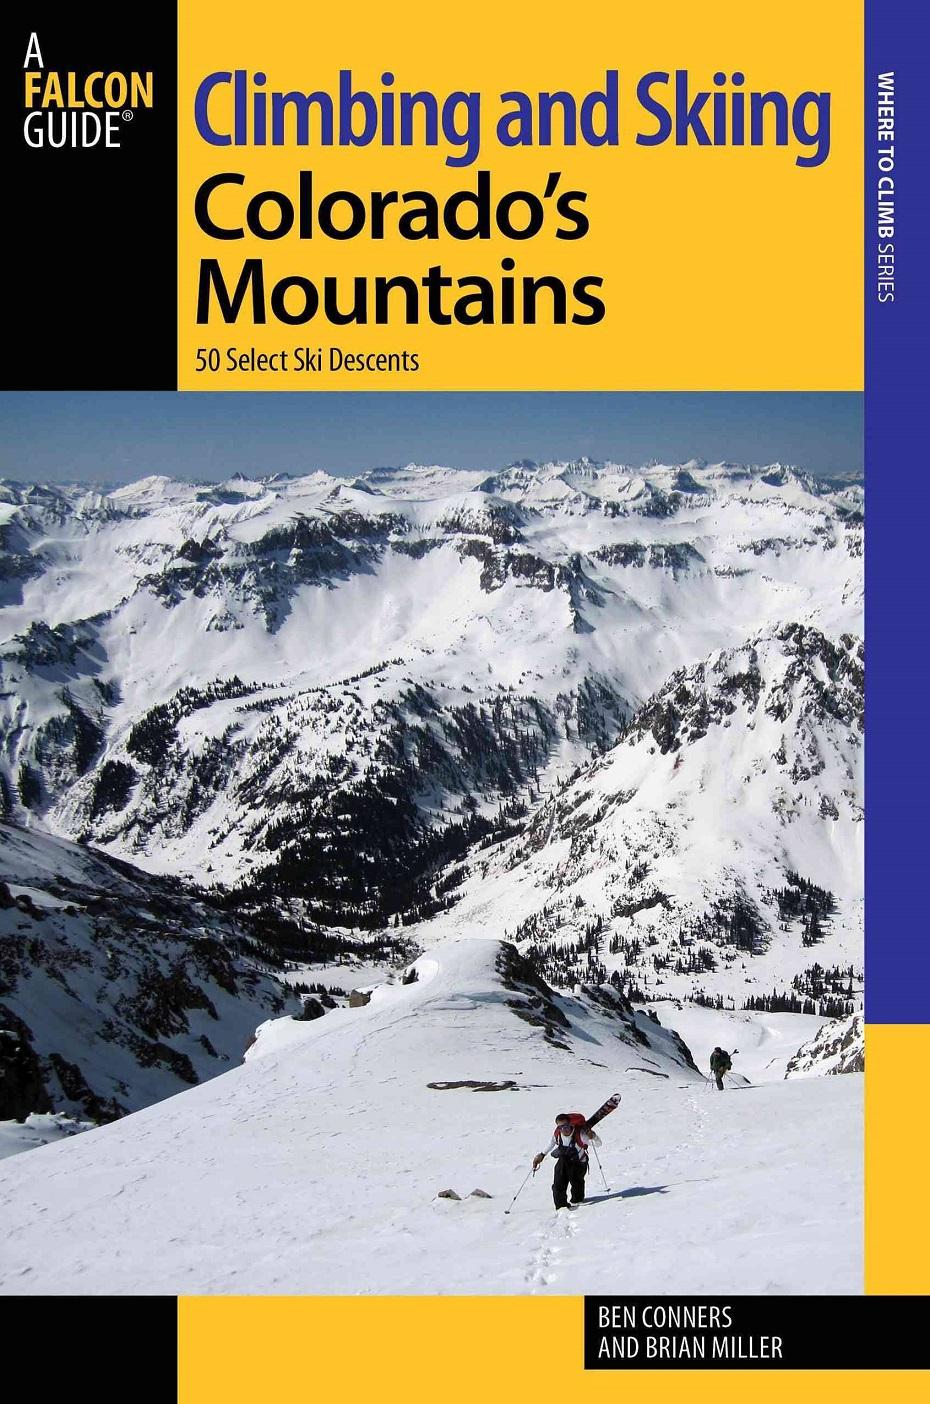 a description of the colorado mountains